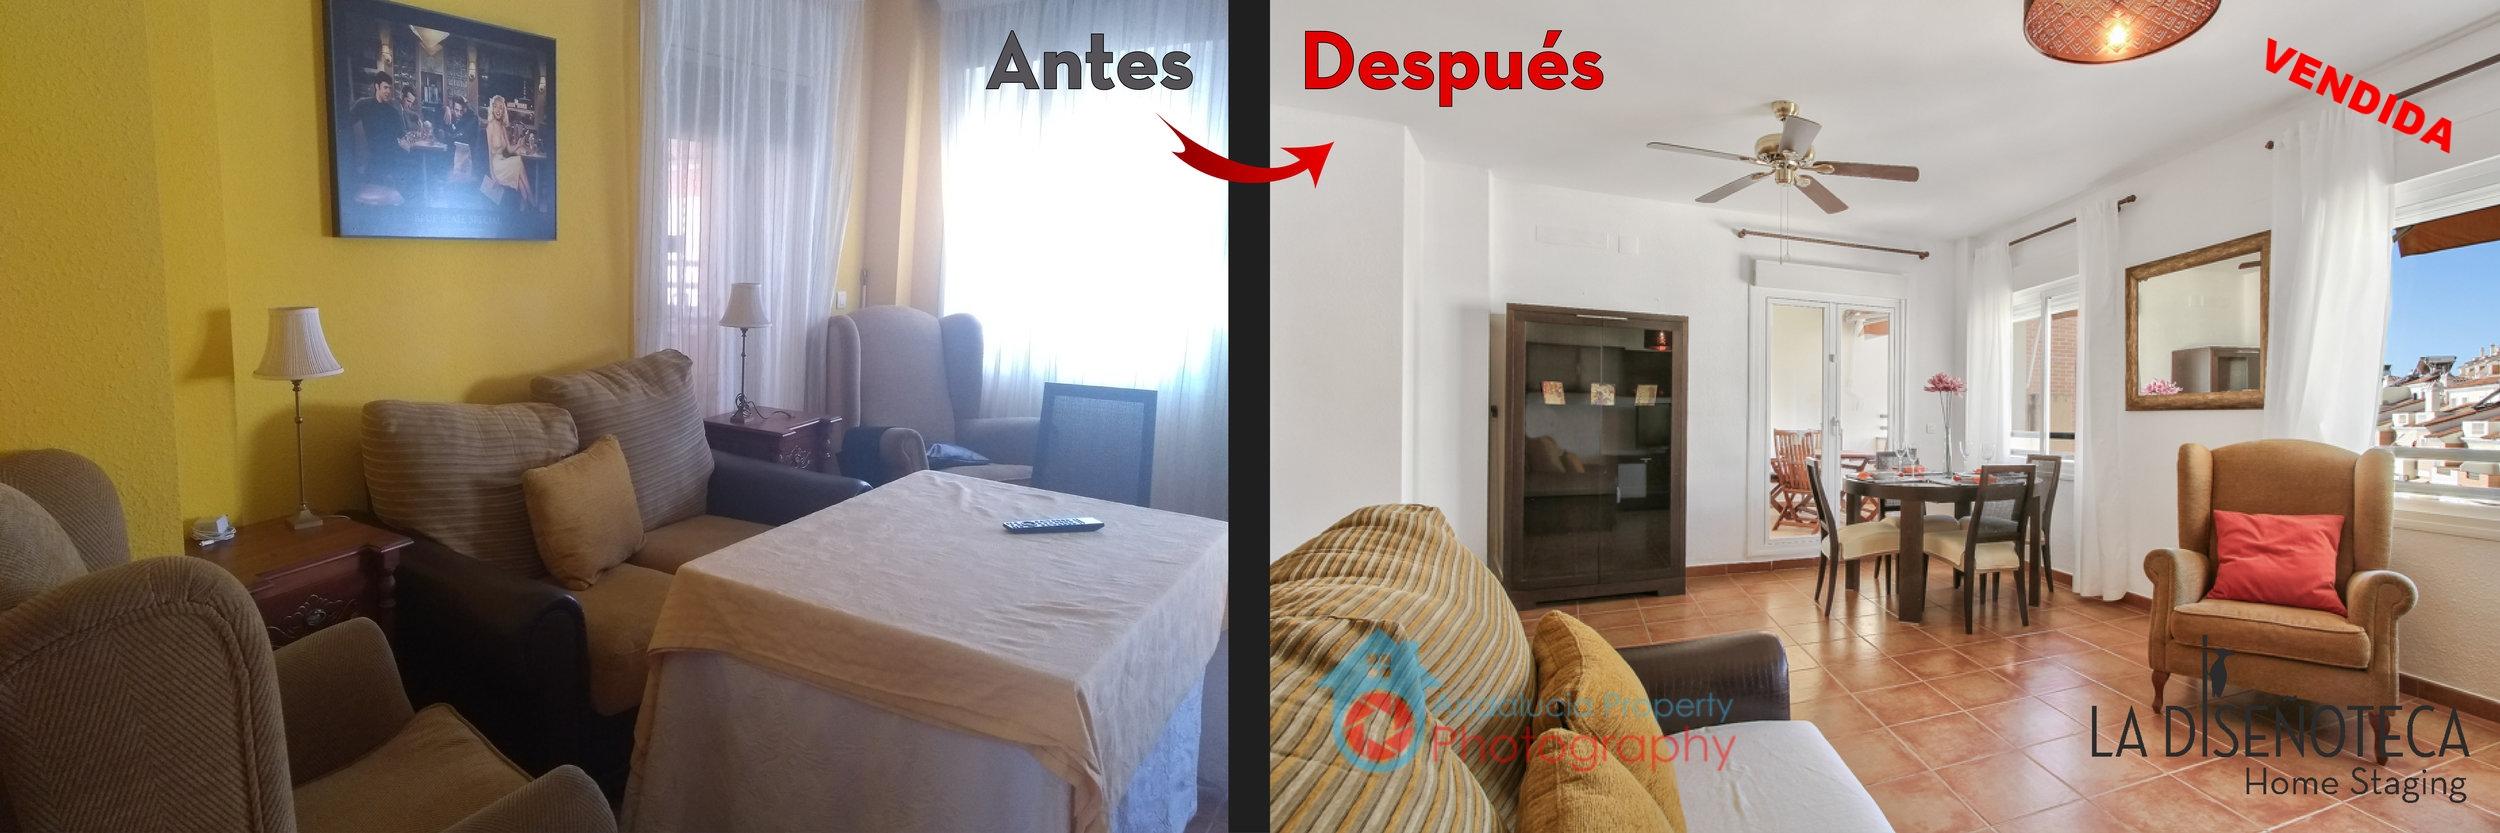 AntesyDespues Añor_1.jpg